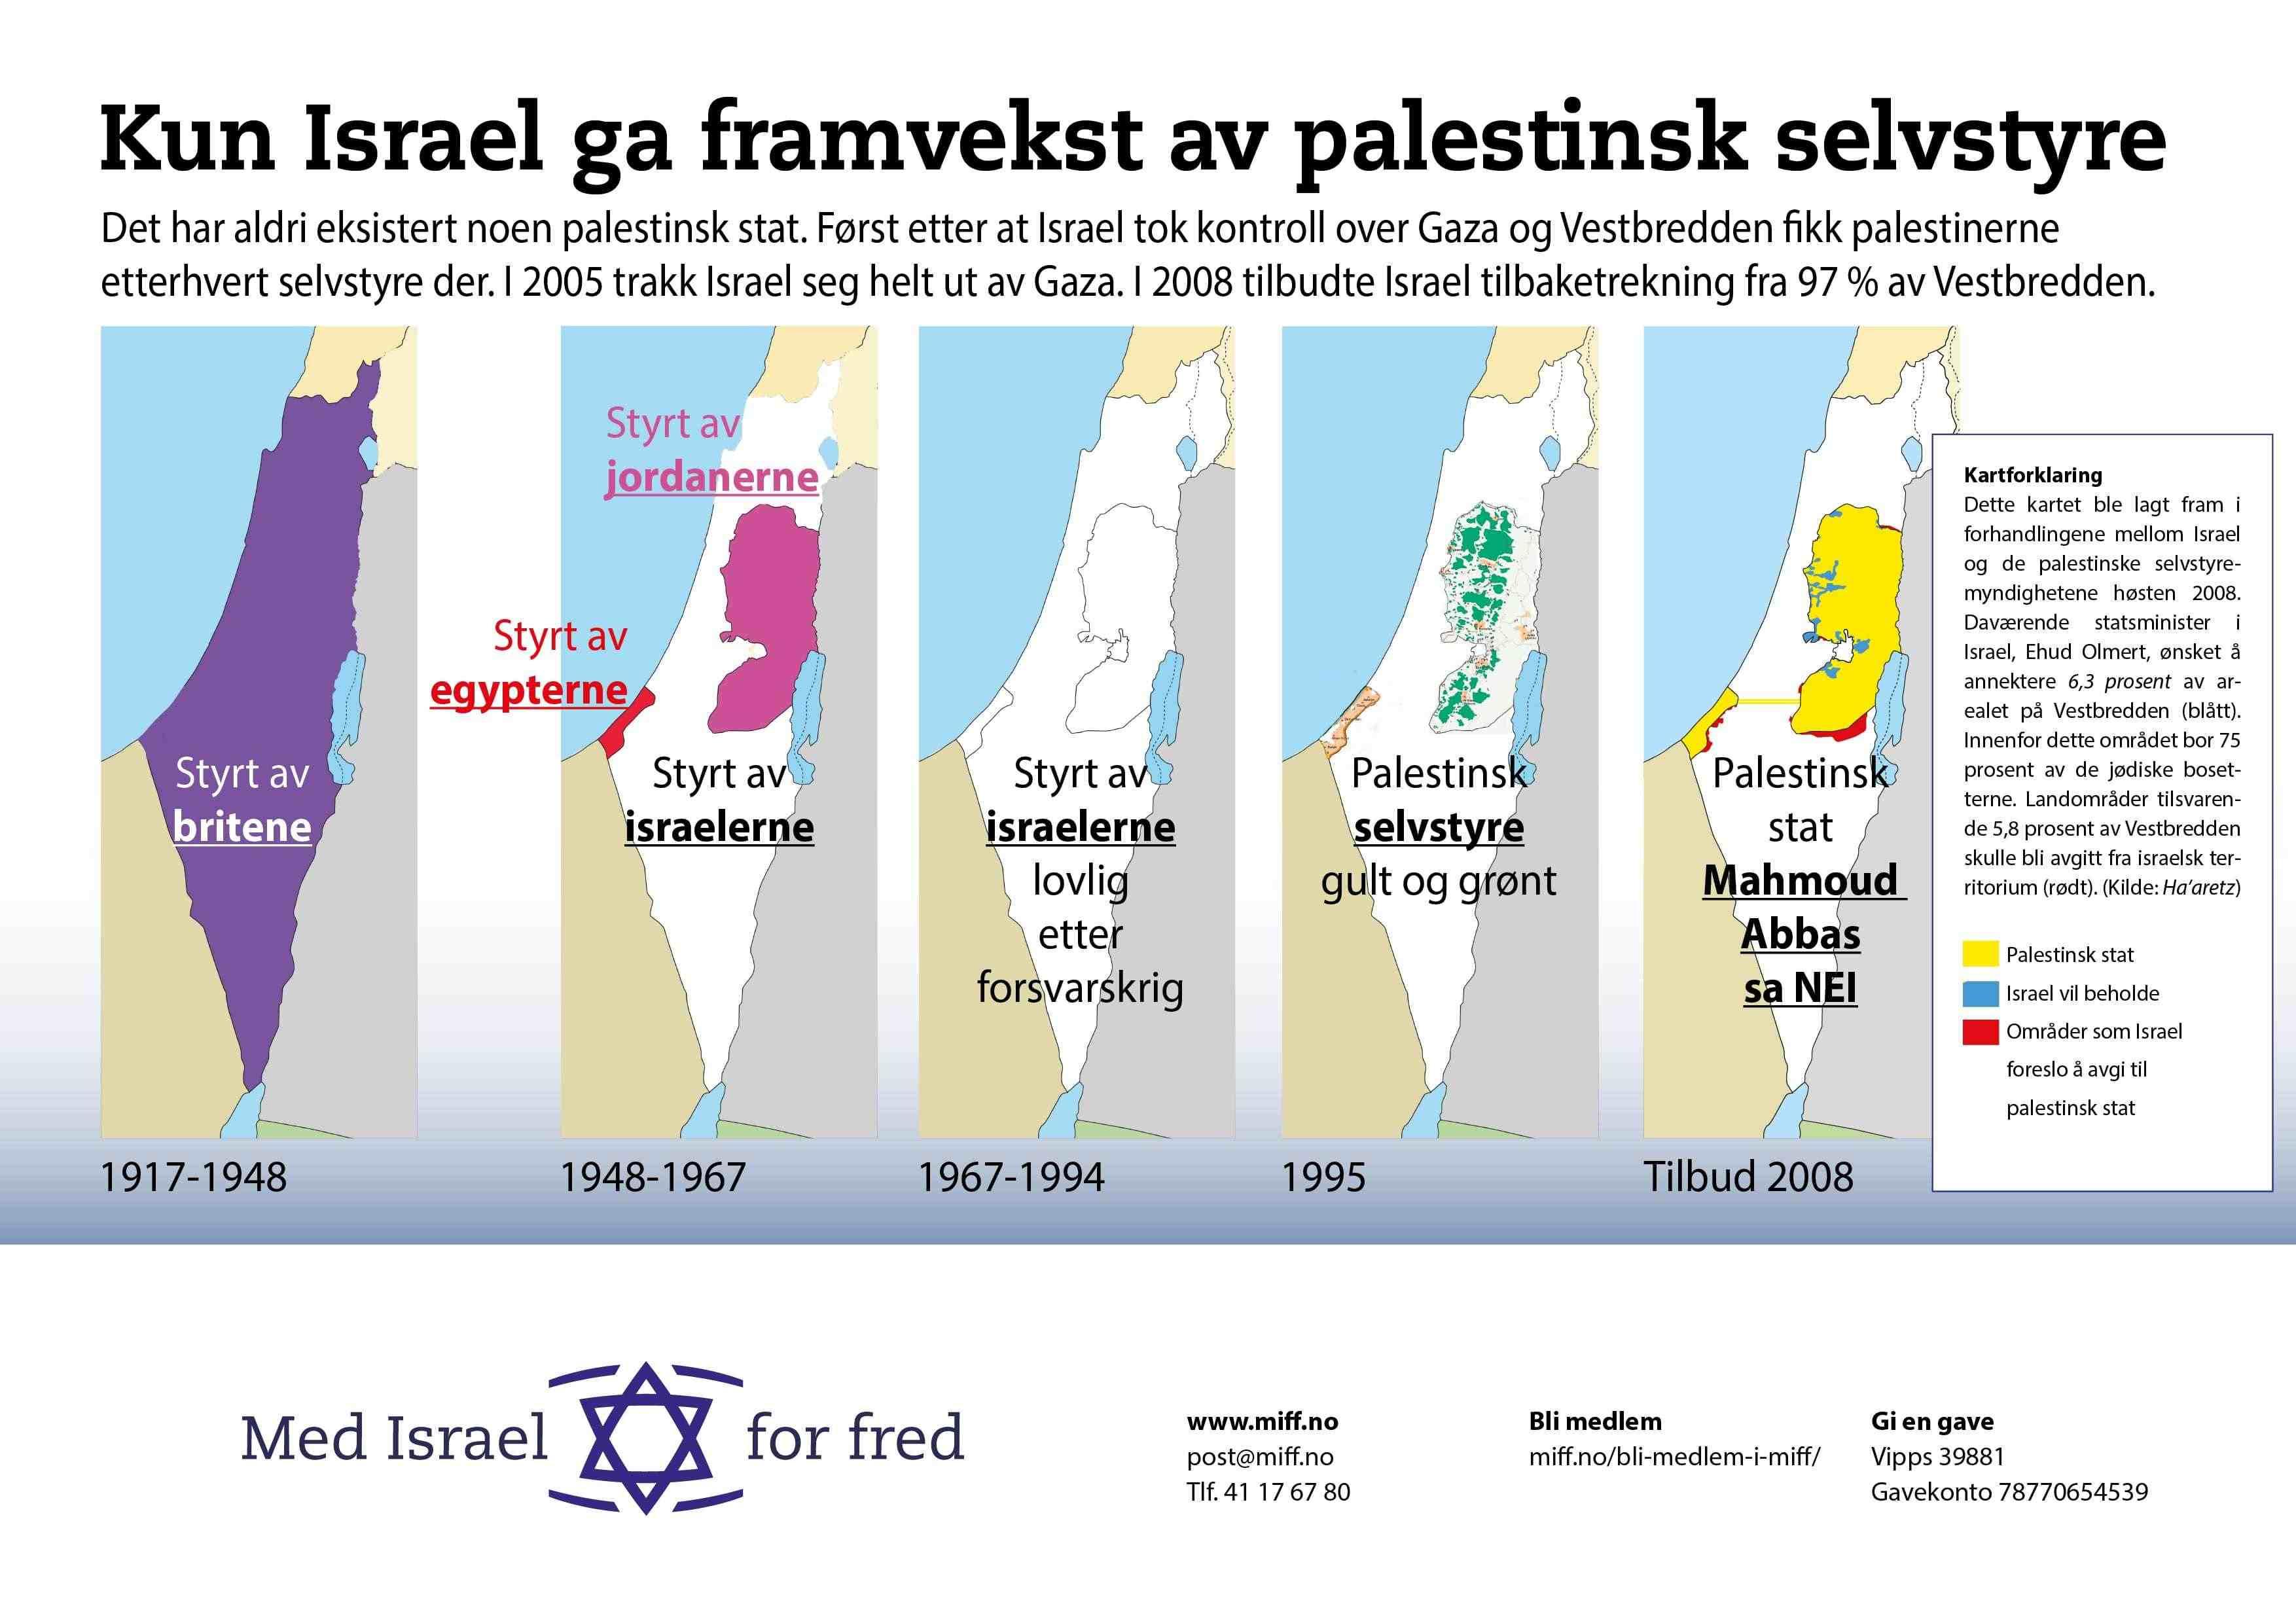 Kun under israelsk kontroll har palestinsk selvstyre kunnet vokse fram.